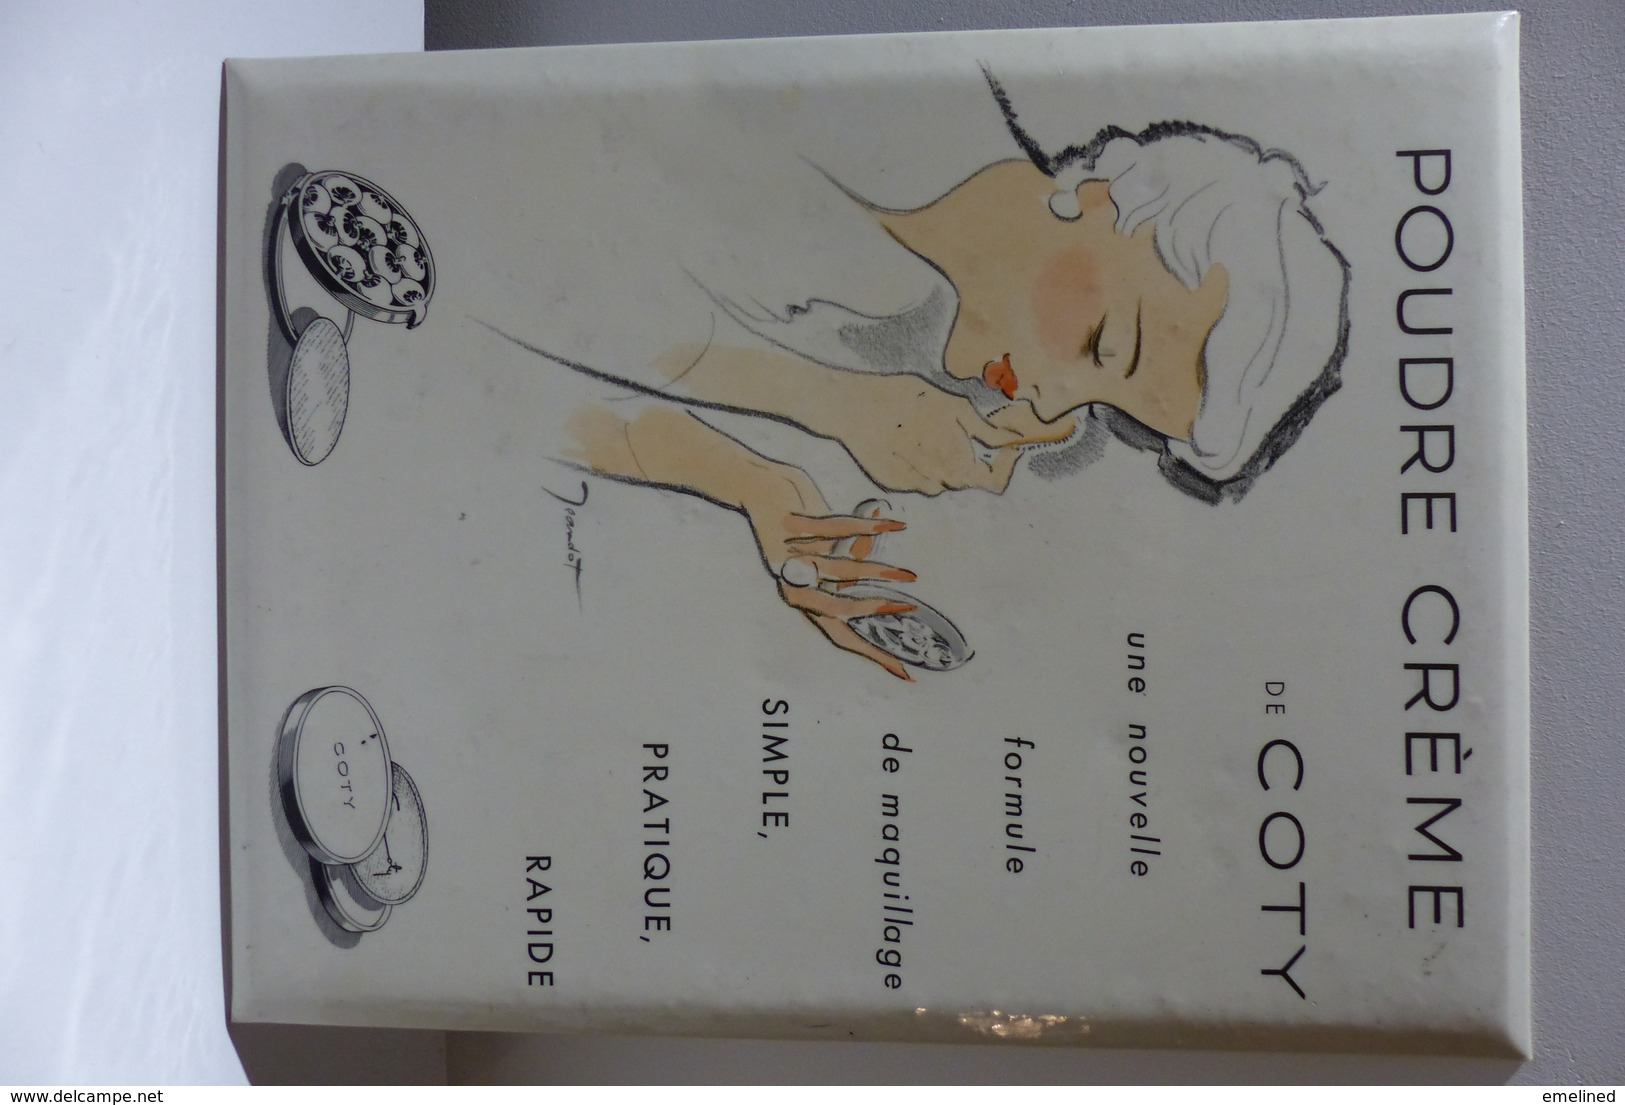 RARE Ancienne Plaque Publicitaire Tôle émaillée ? Poudre Crème COTY Parfum Maquillage Dessin Illustrateur René Jeandot - Plaques Publicitaires